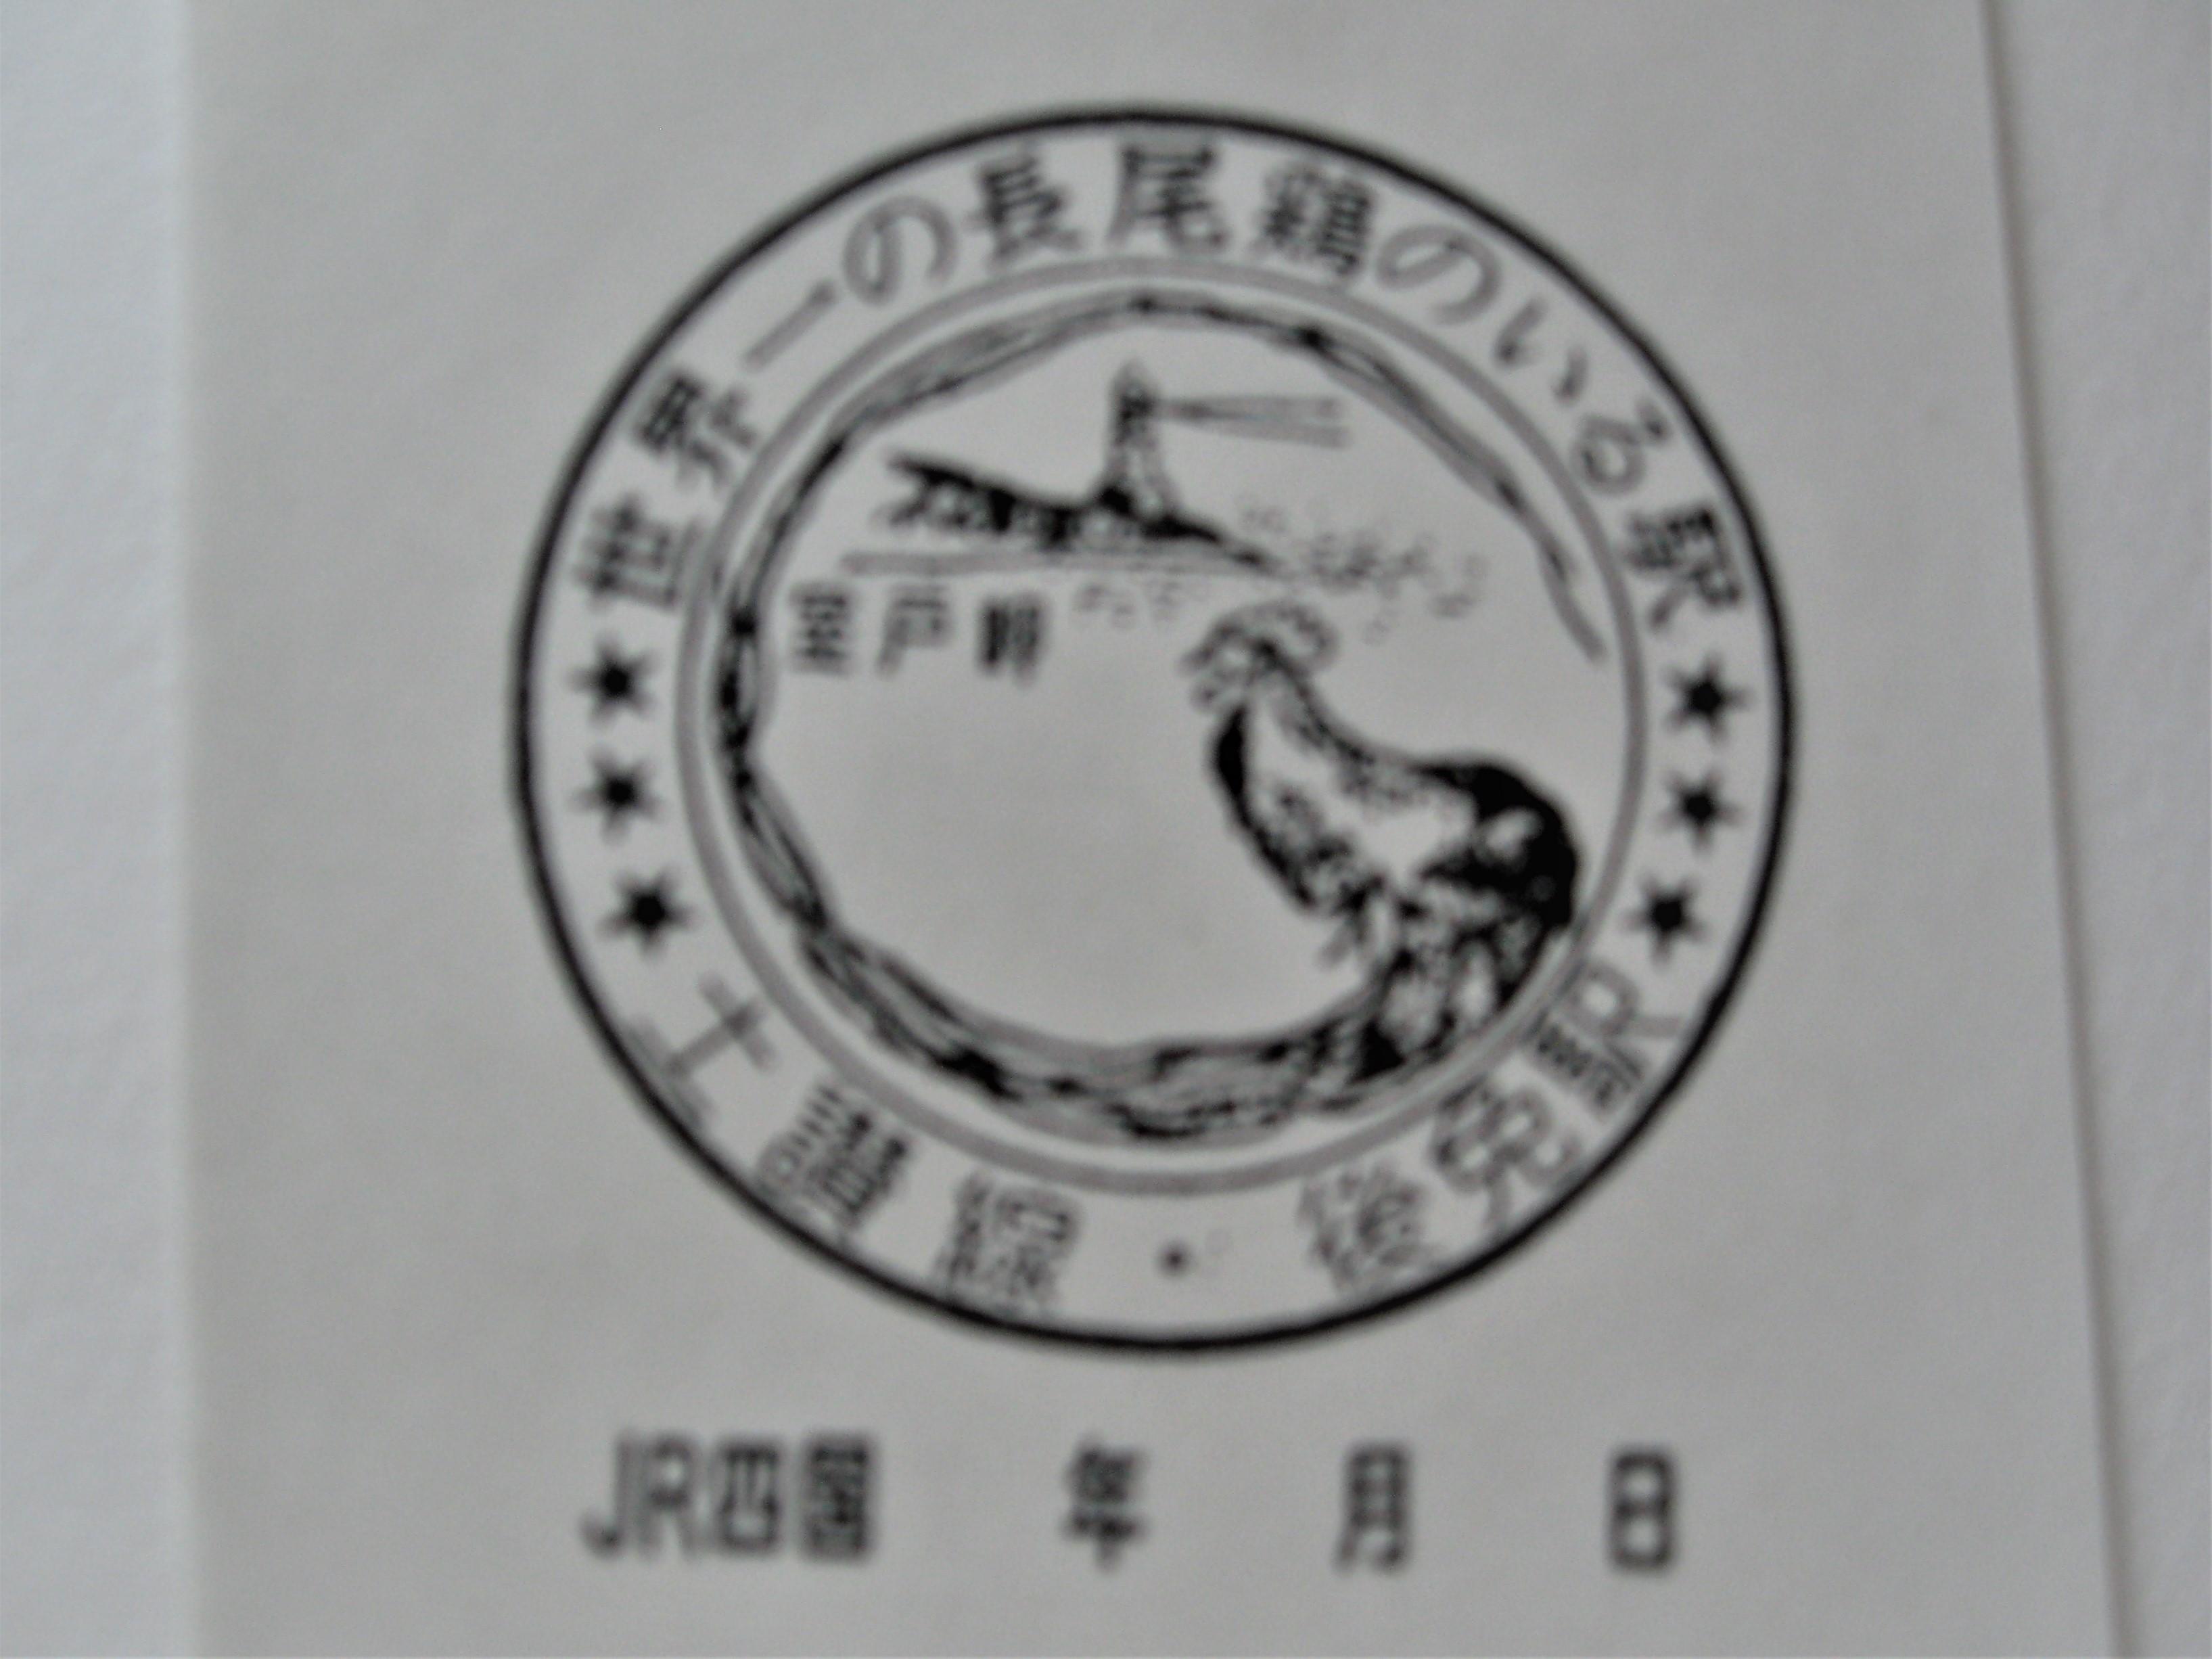 単独表示 IMG_7959 (2).JPG